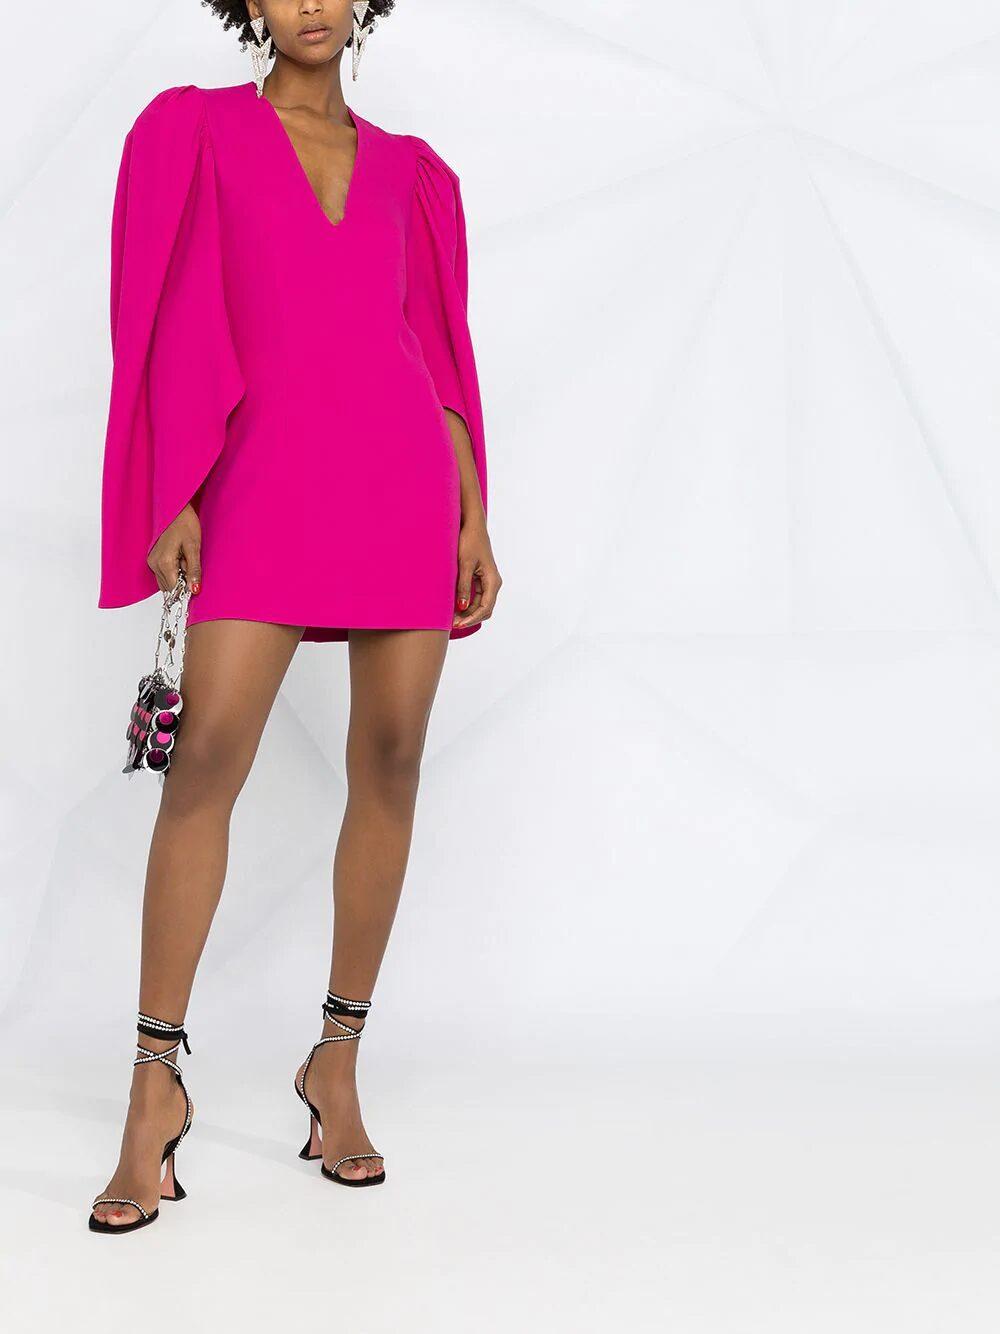 1612584553 873 echa un vistazo a las opciones para comprar y 30 - 40 modelos de vestidos rosas para un look que no pasa desapercibido